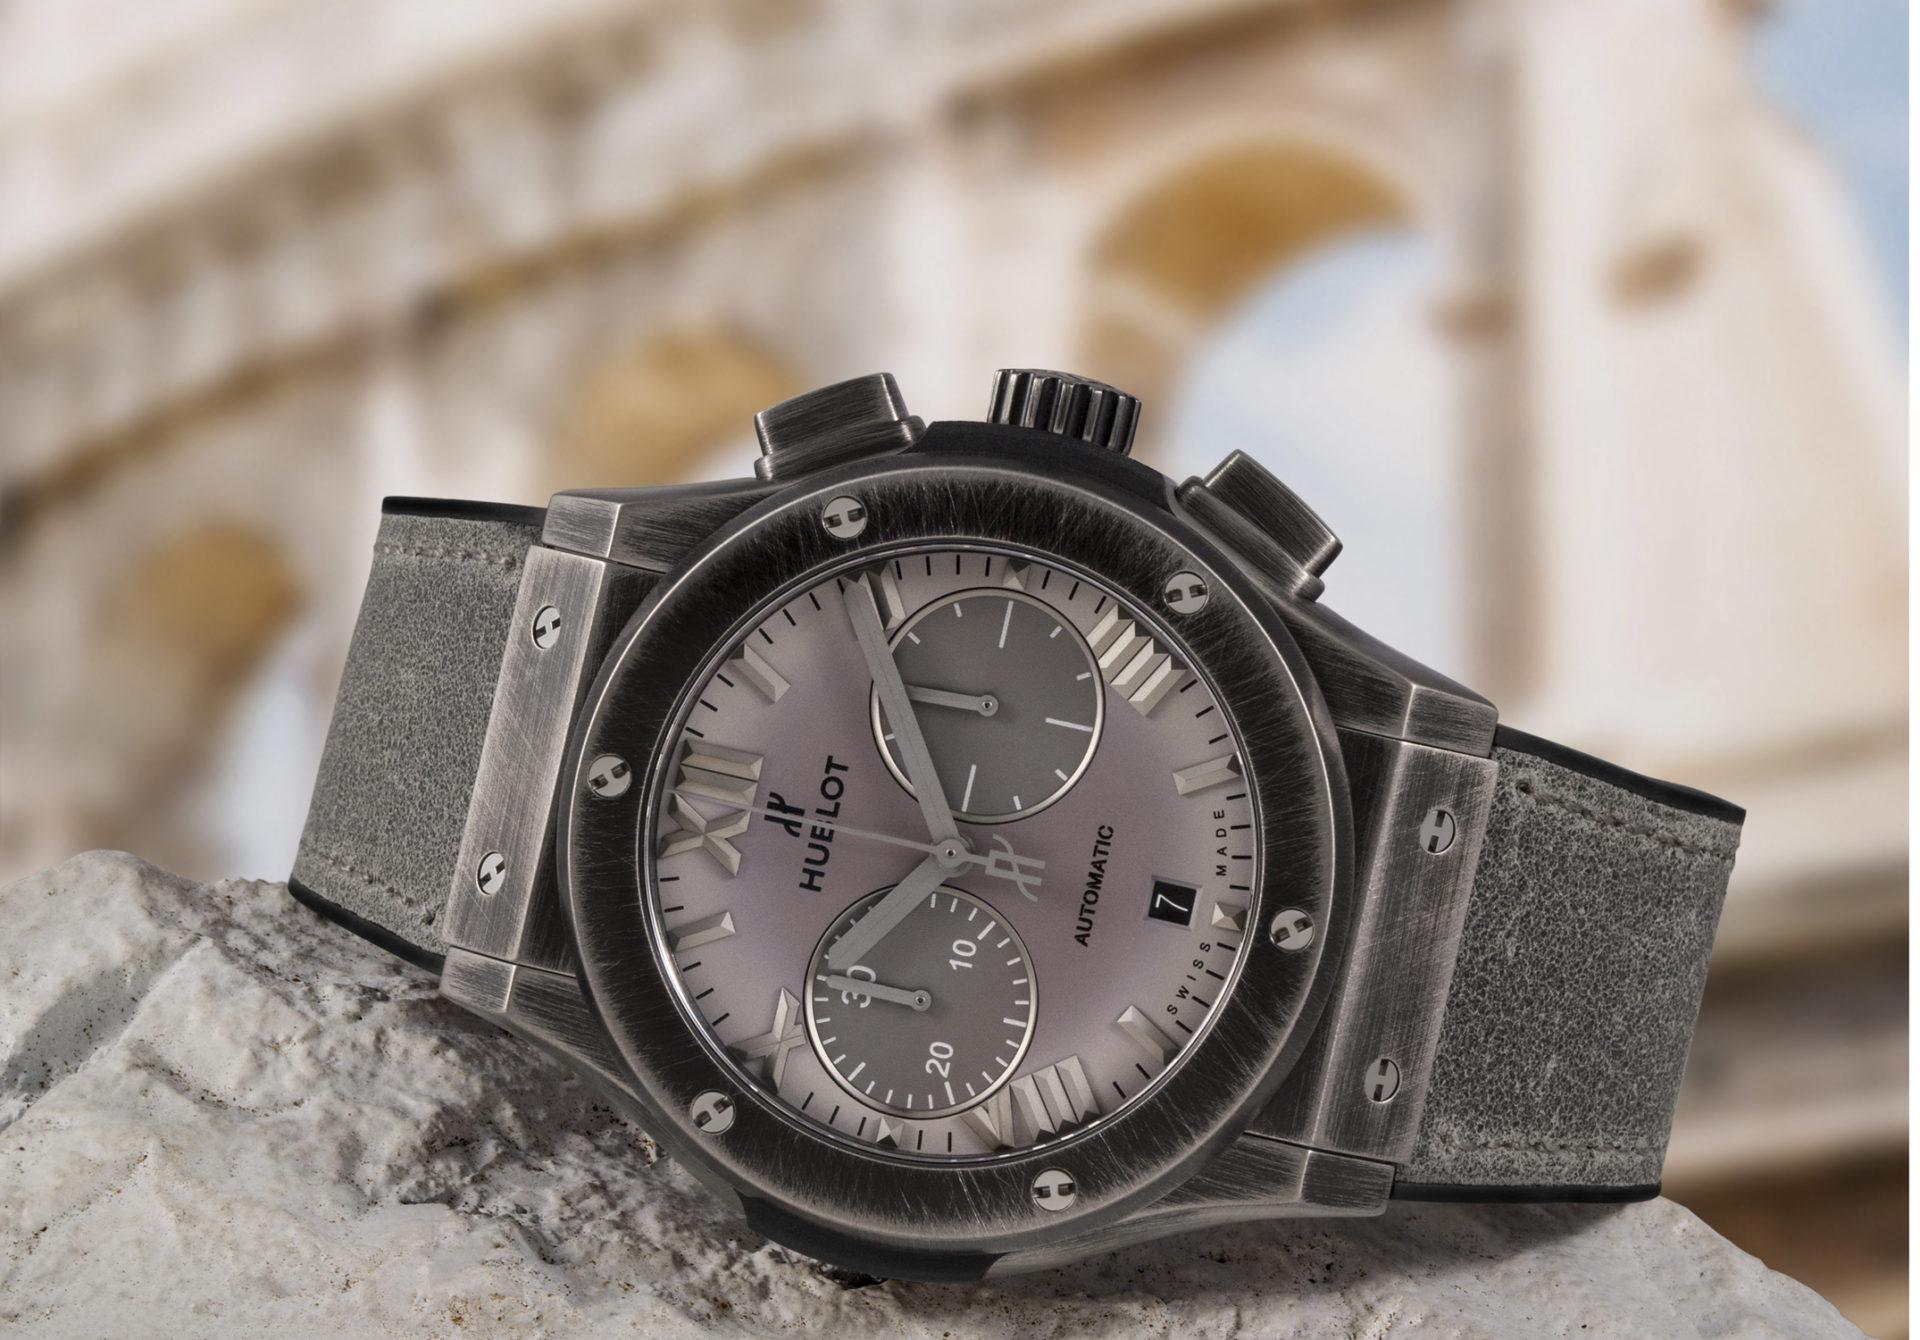 Hublot vừa cho ra mắt một mẫu đồng hồ phiên bản giới hạn chỉ 50 chiếc trên toàn thế giới